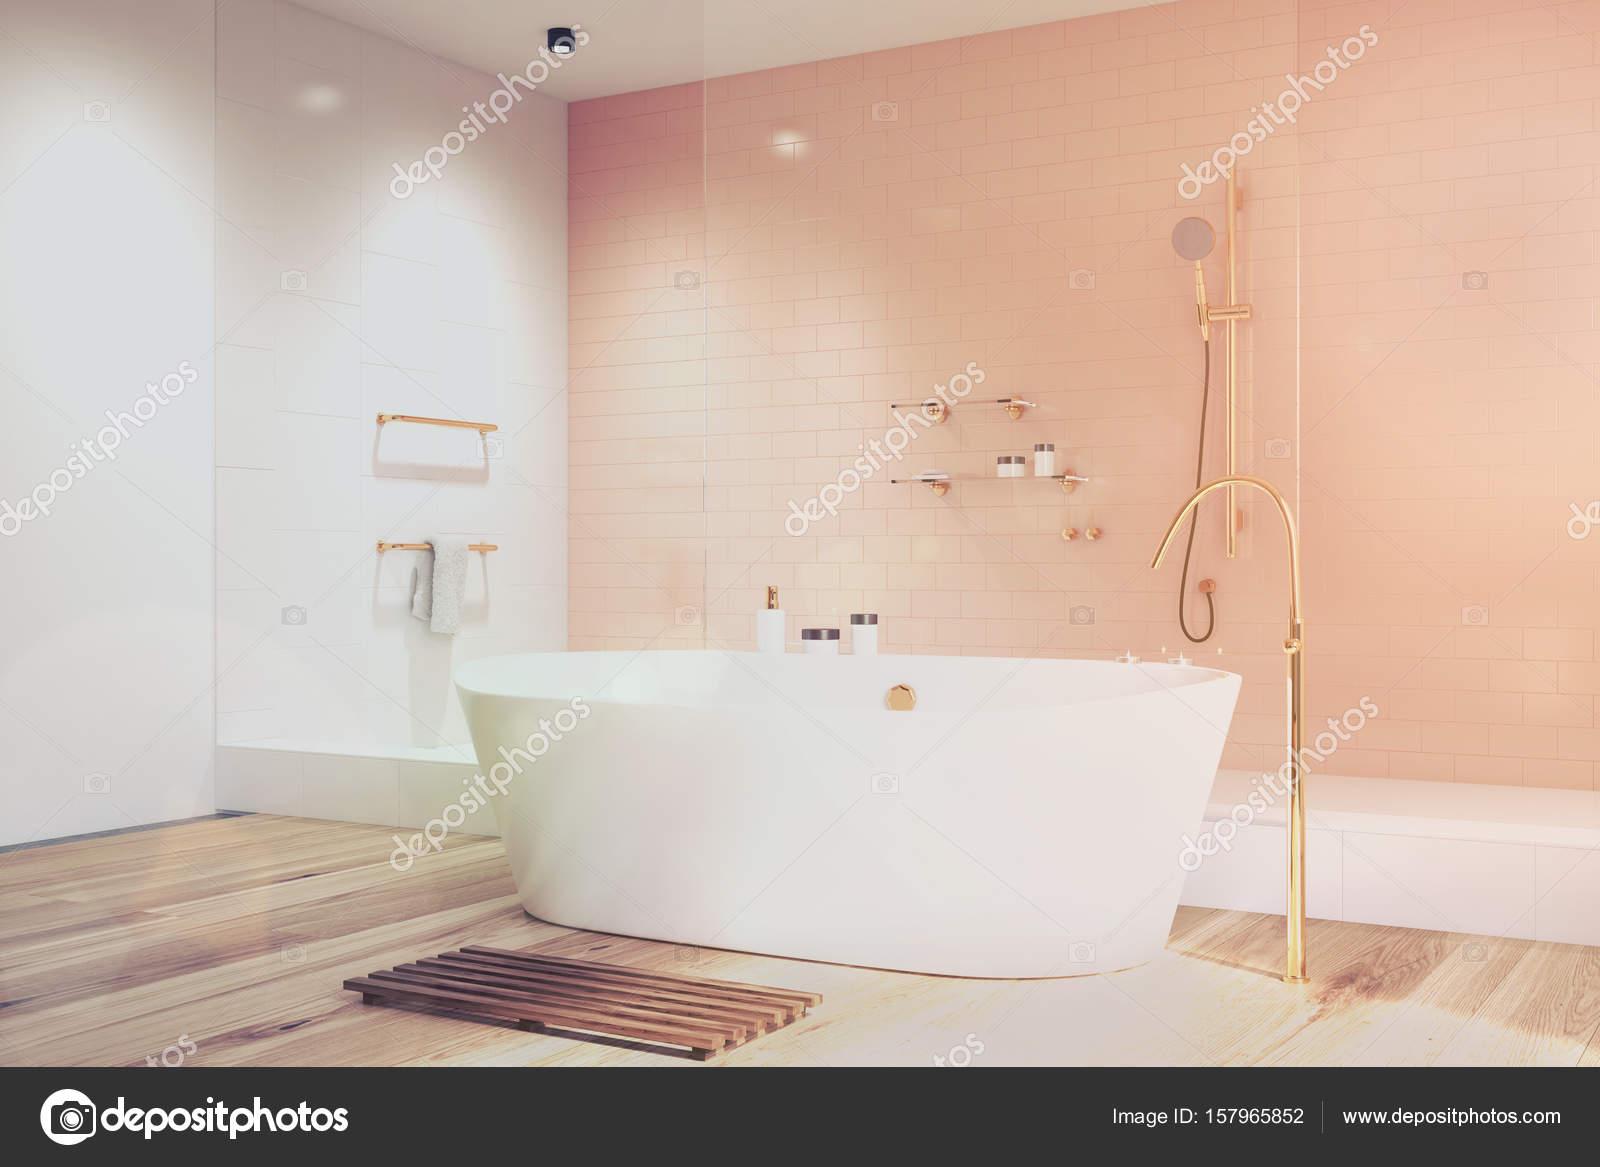 Roze badkamer met witte tegels kant toned — Stockfoto ...